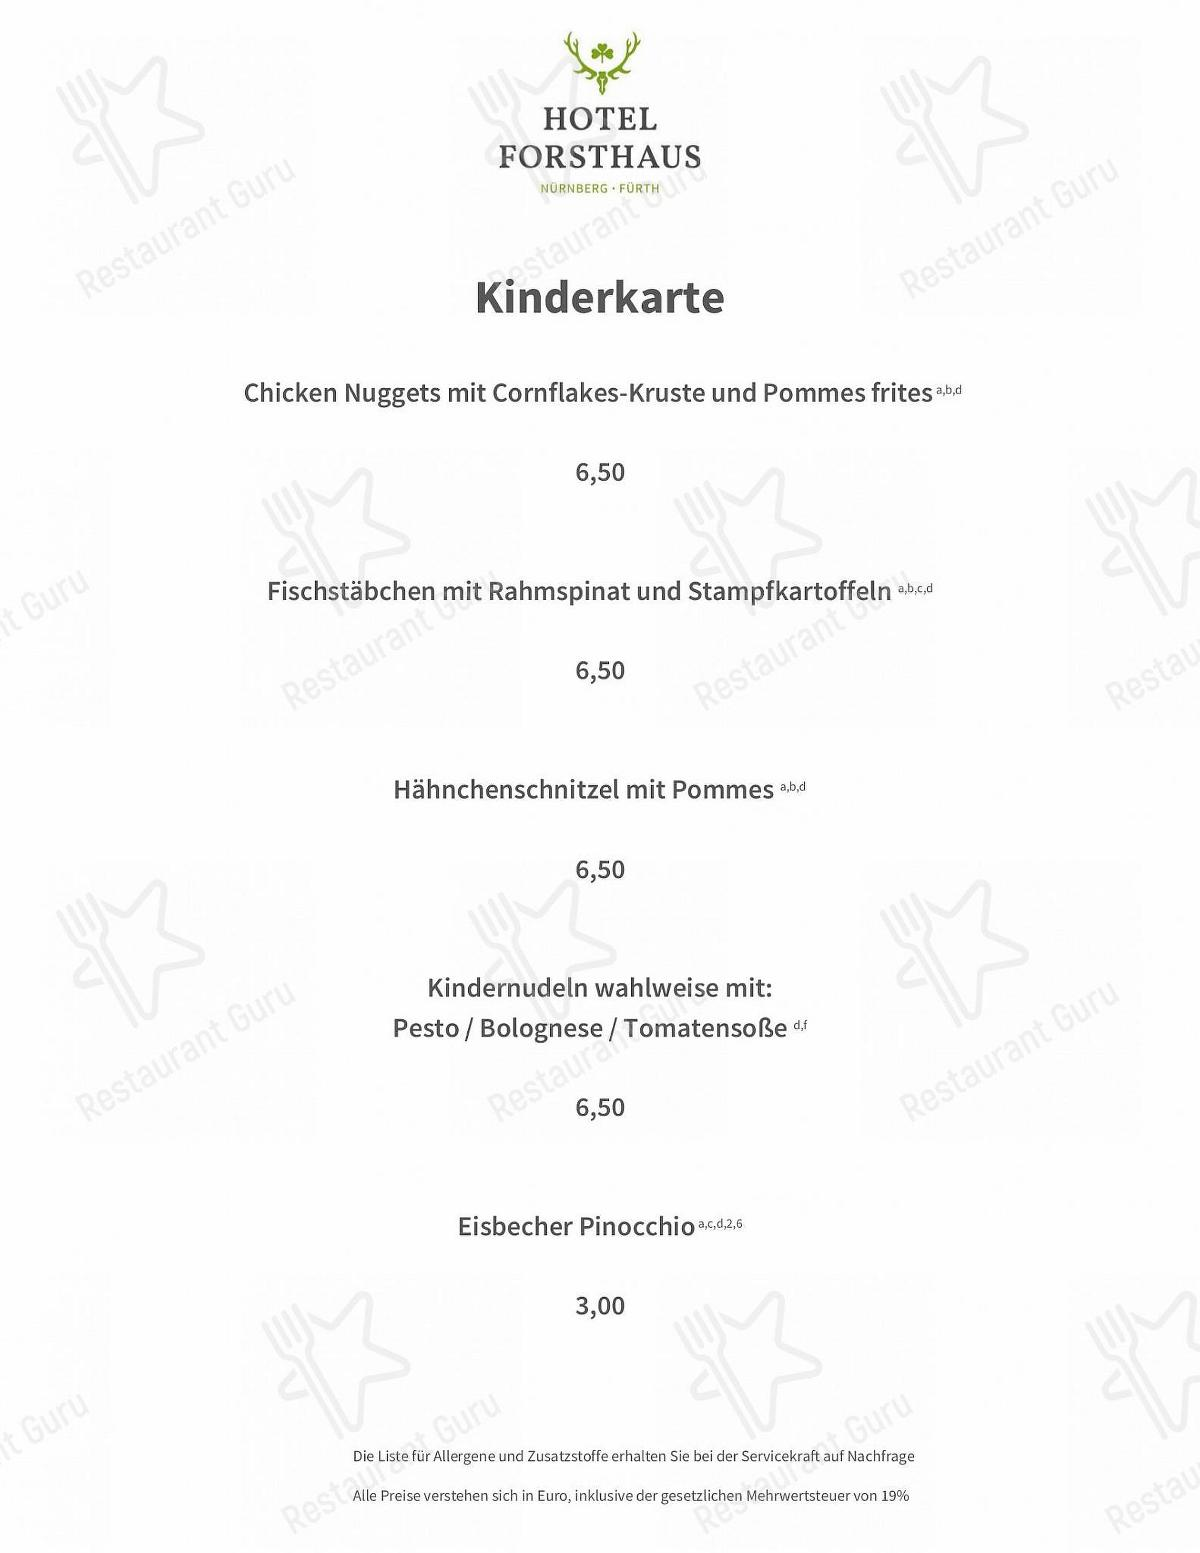 Maximilians Restaurant Speisekarte - Essen und Getränke